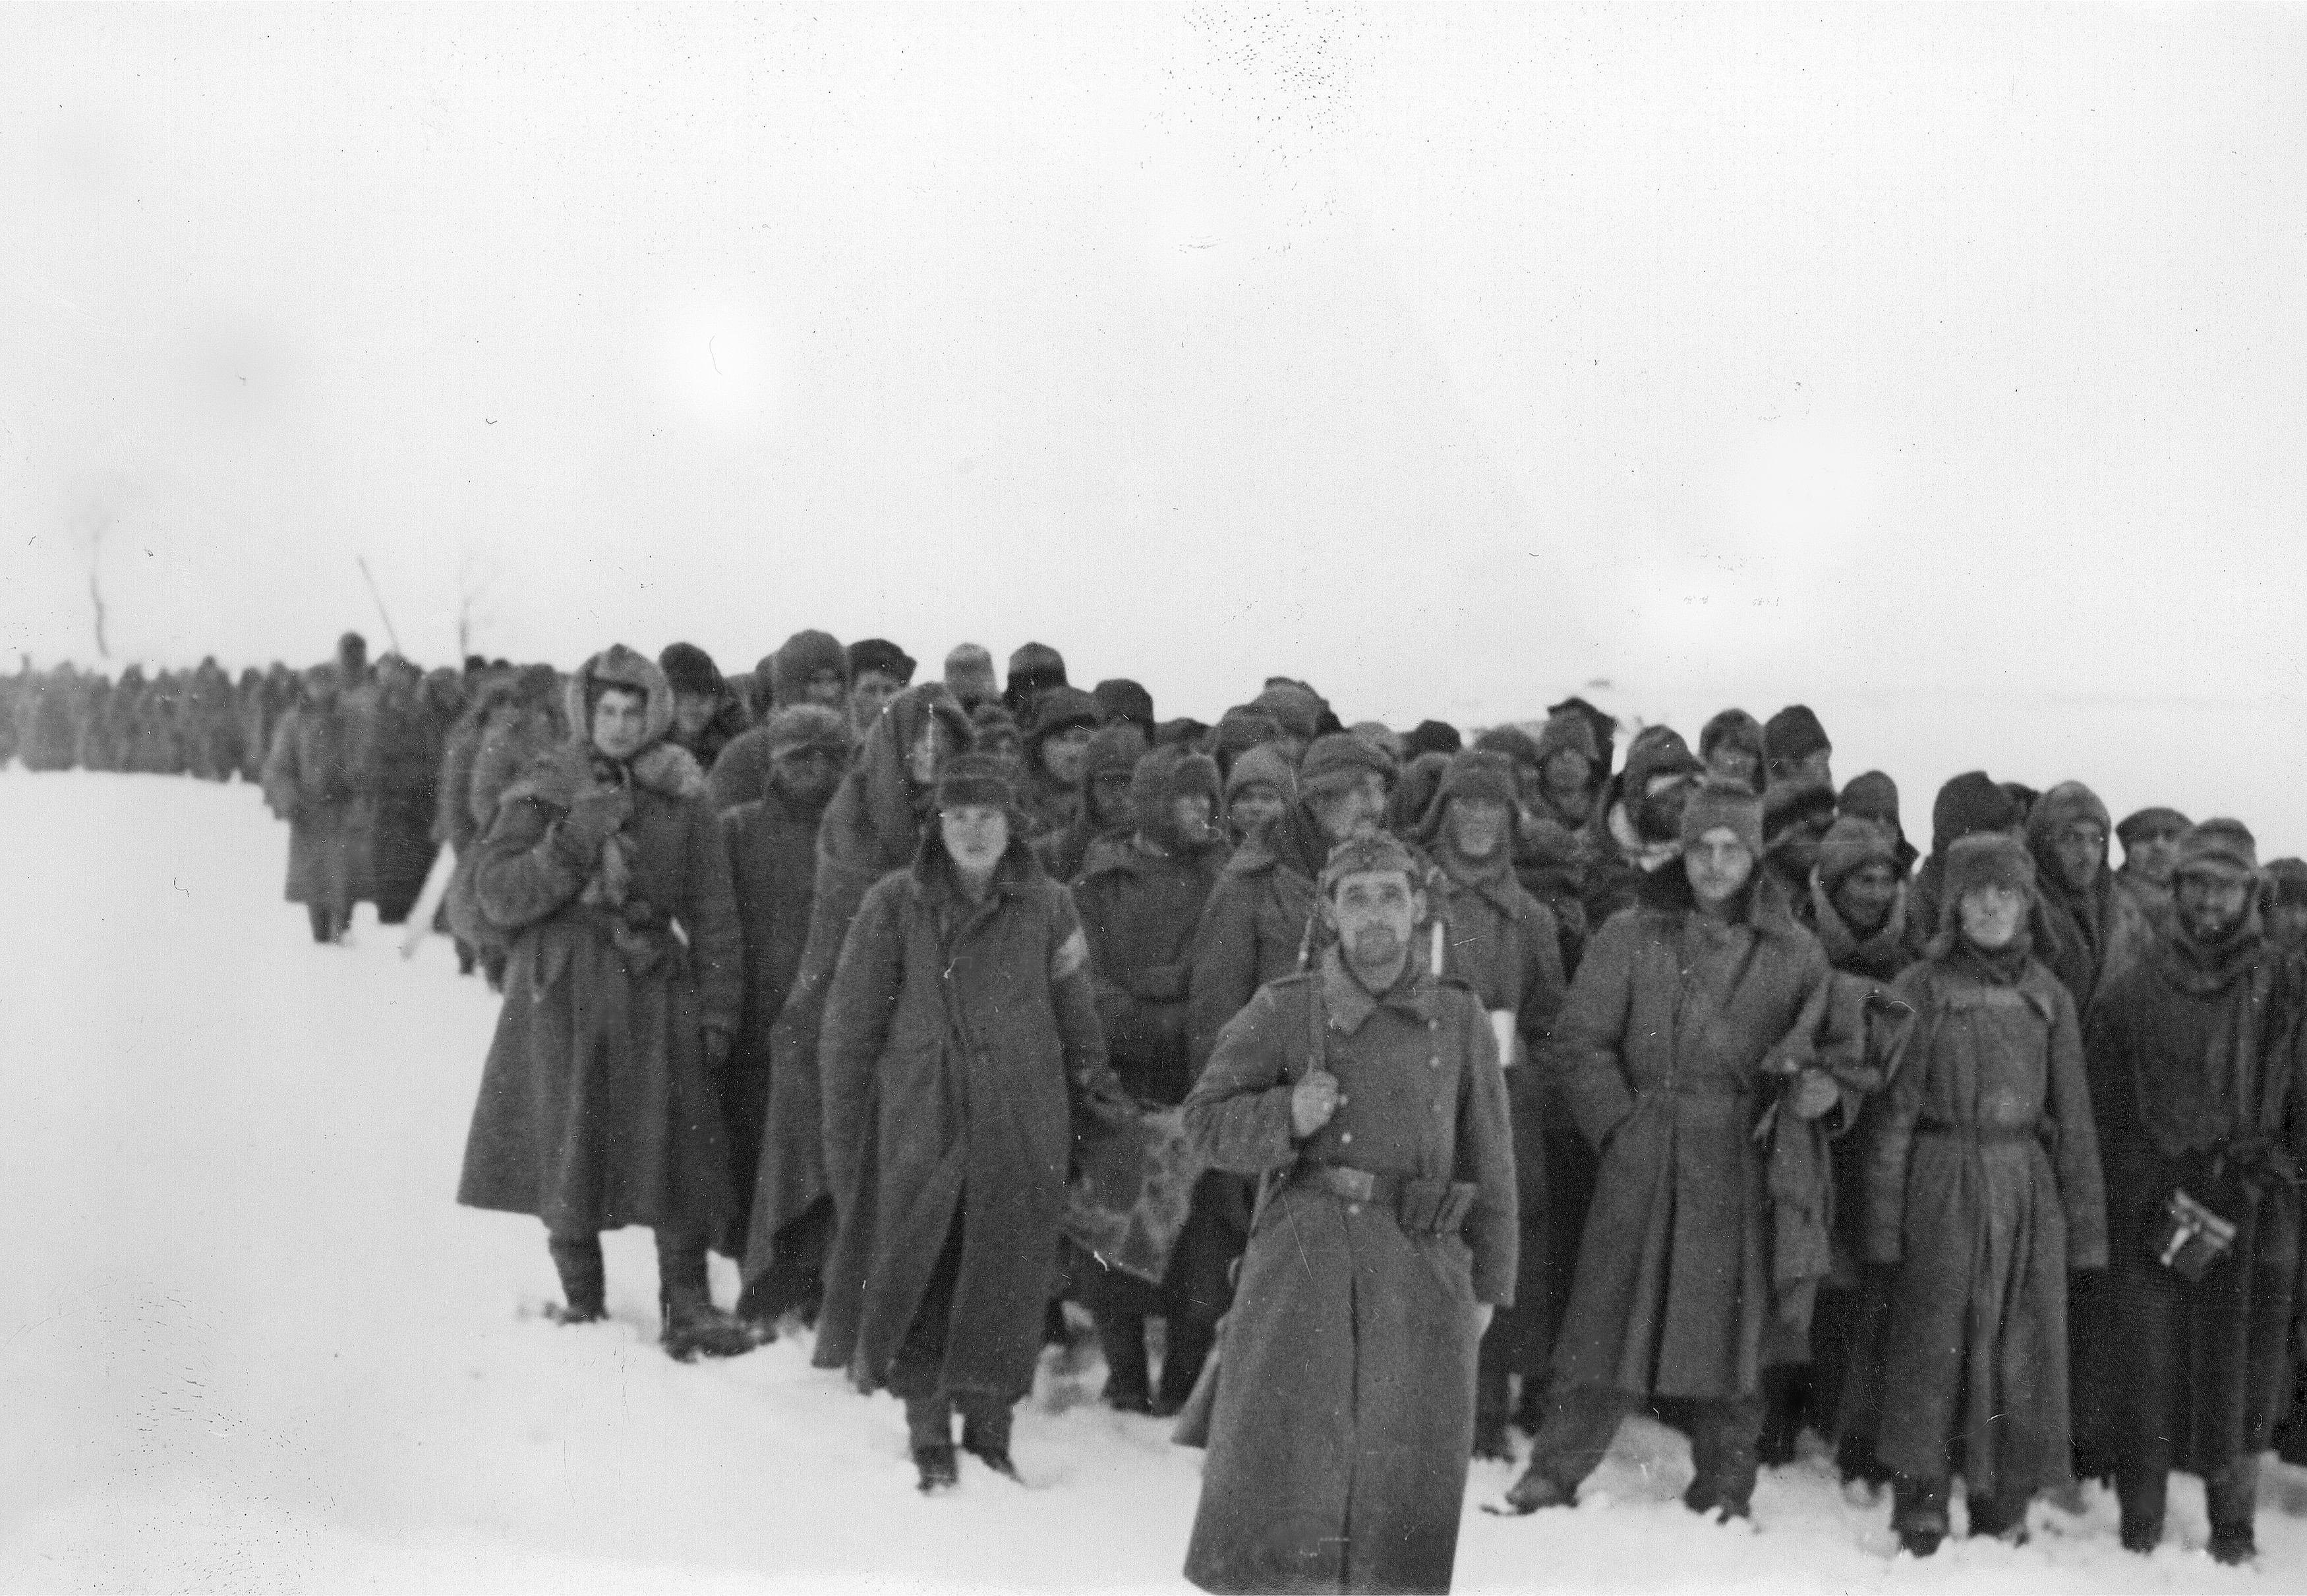 Колонна советских военнопленных в степи под Сталинградом